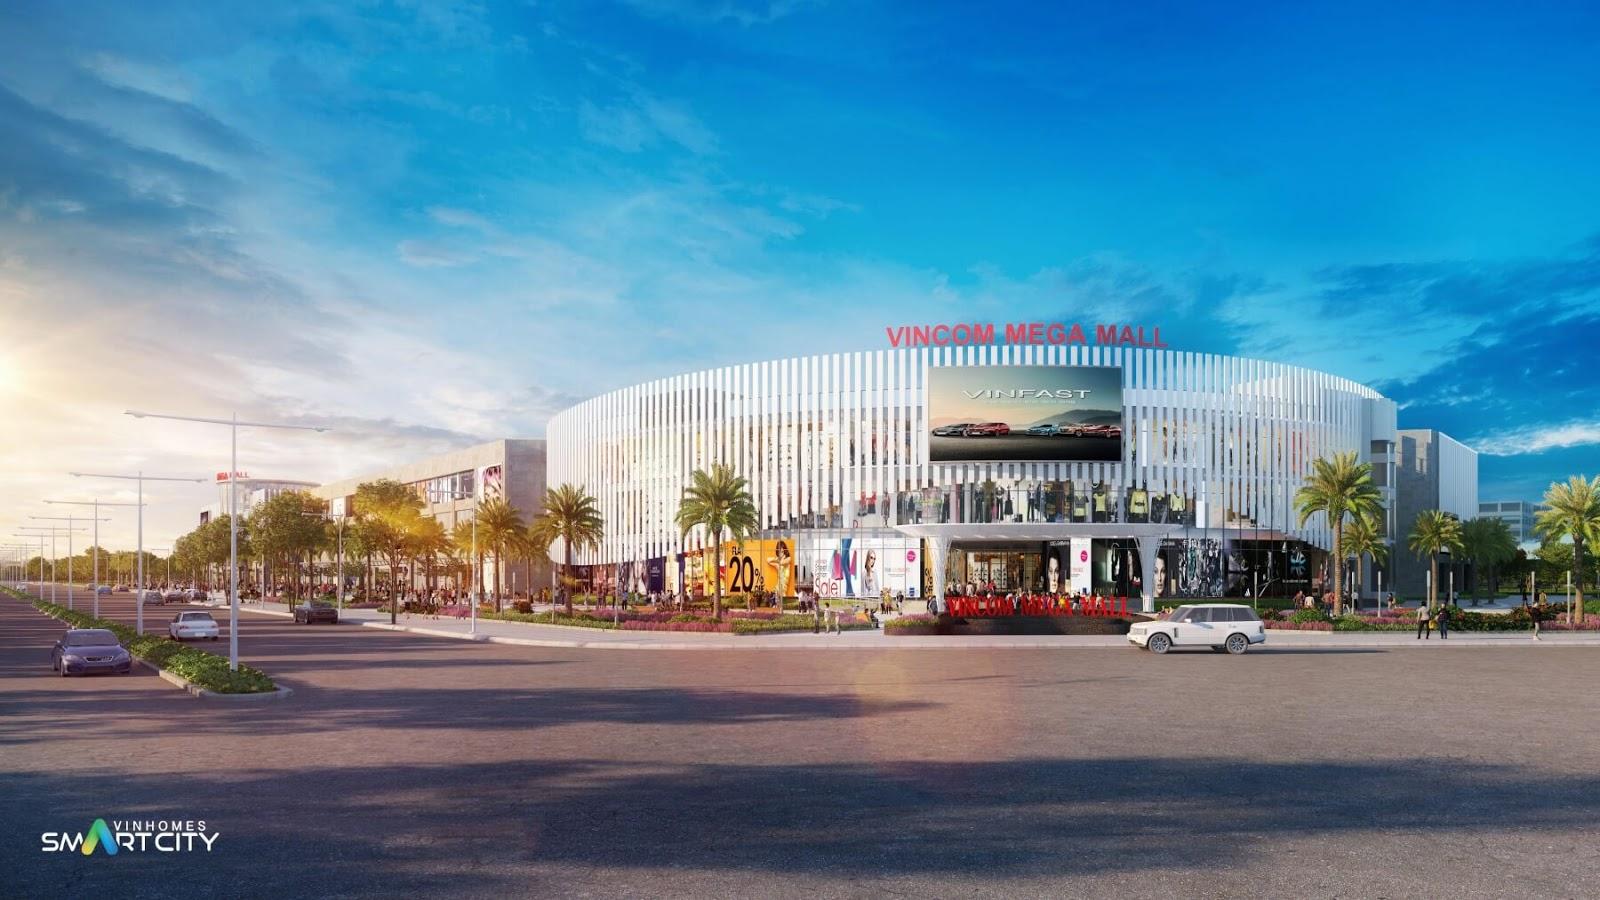 Vincom Mega Mall - đại siêu thị quy mô lớn của Vinhomes Smart City